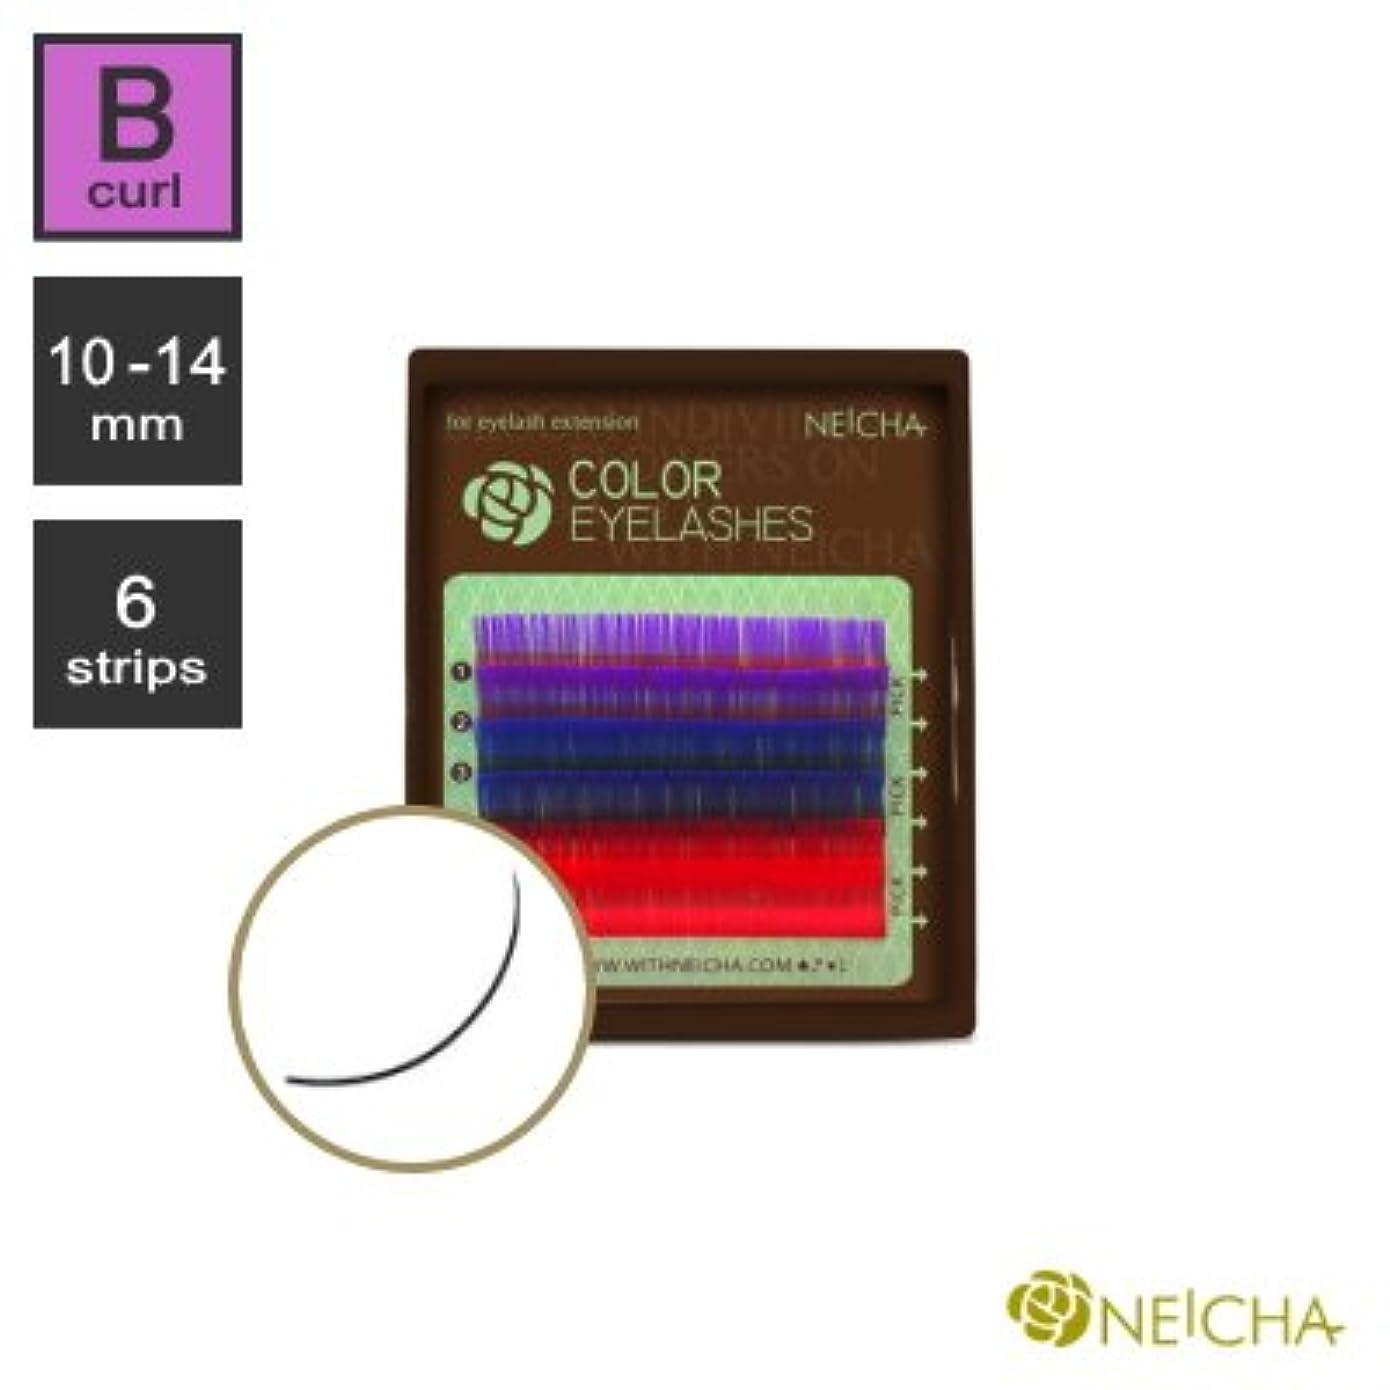 ジャンルマグ十億まつエク《目尻のポイントカラーが可愛い!》NEICHA 3カラーラッシュ ( 紫/青/赤 ) ( Bカール ) ( 6列 ) (10mm)